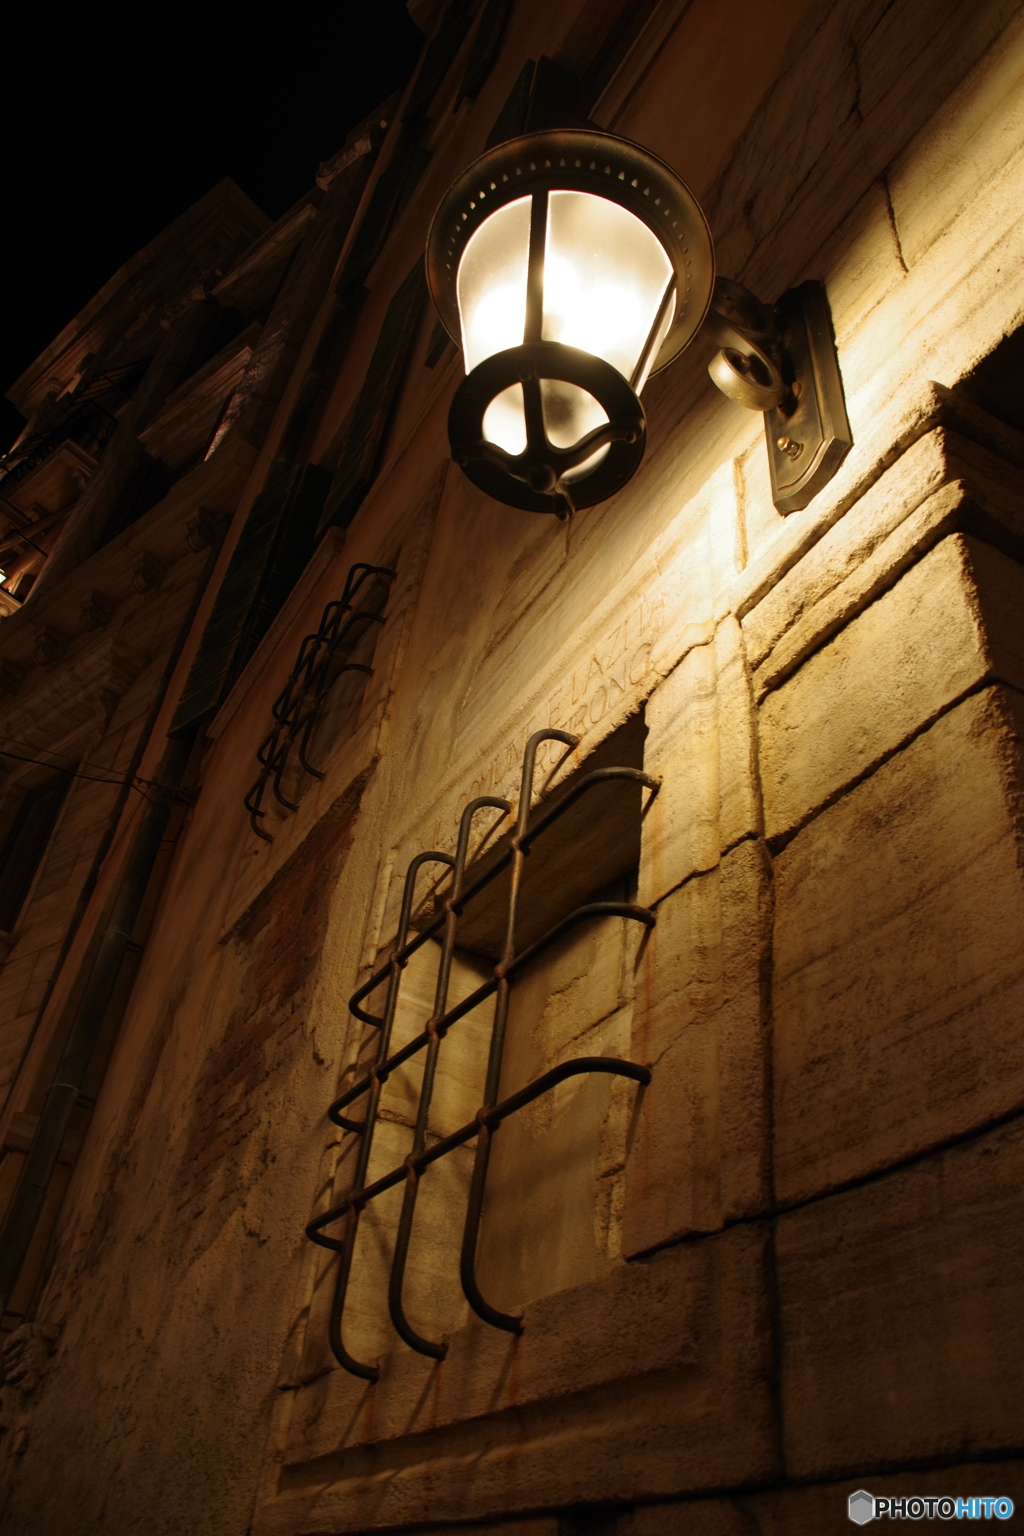 ヴェネツィアン・ゴンドラ 乗り場付近 夜景